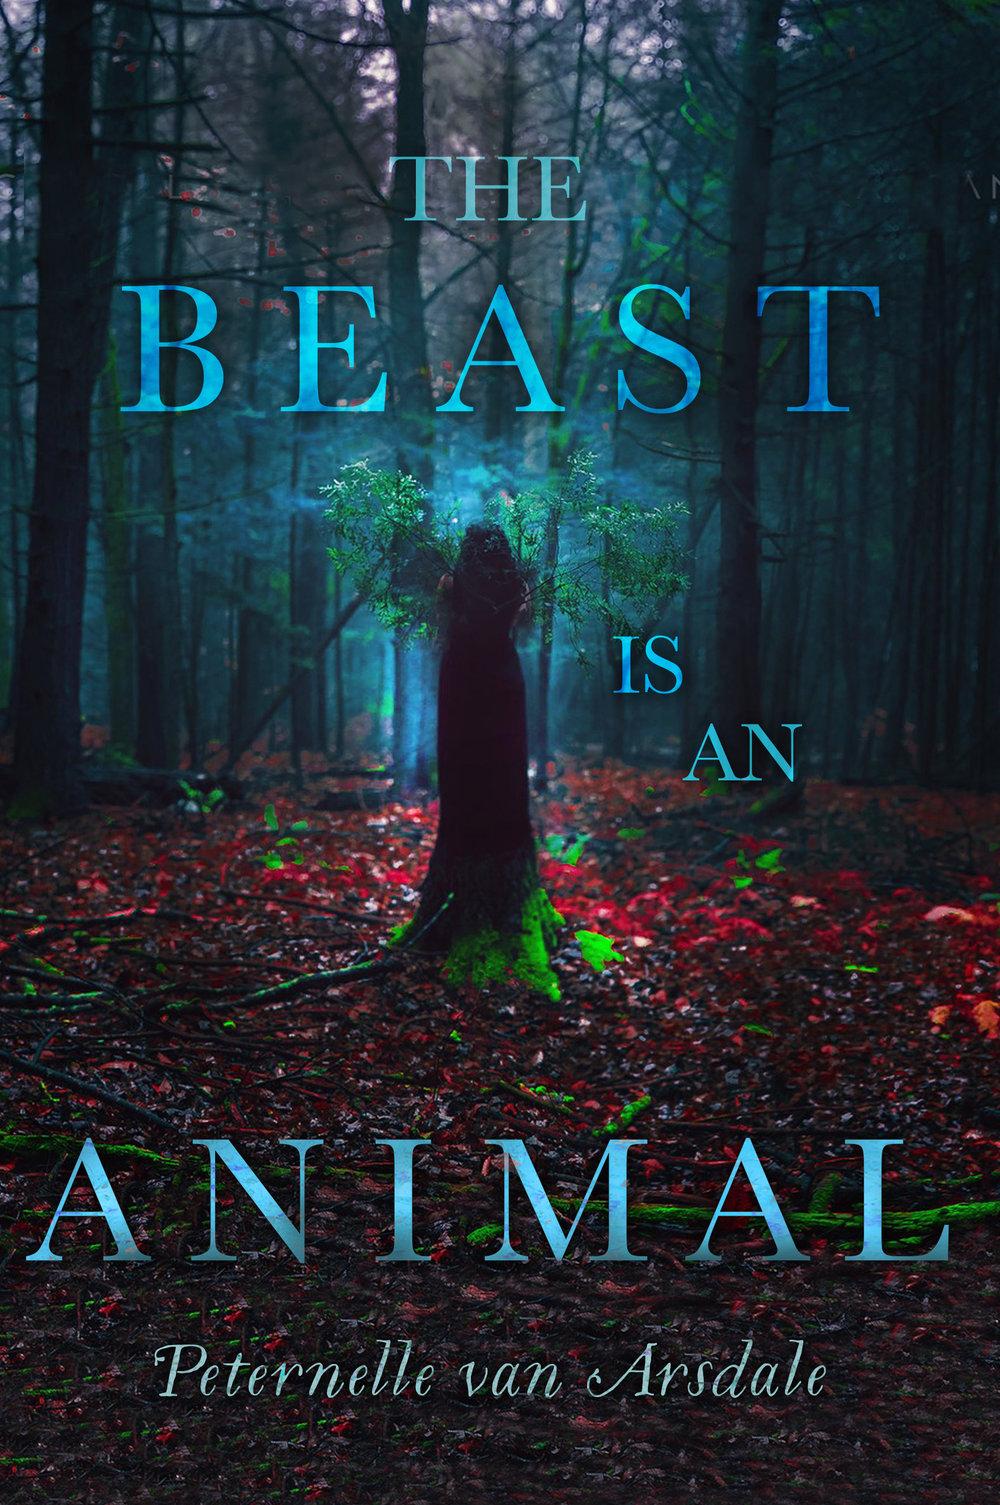 Cover by Sonia Chaghatzbanian. Photo by Sarah Ann Loreth